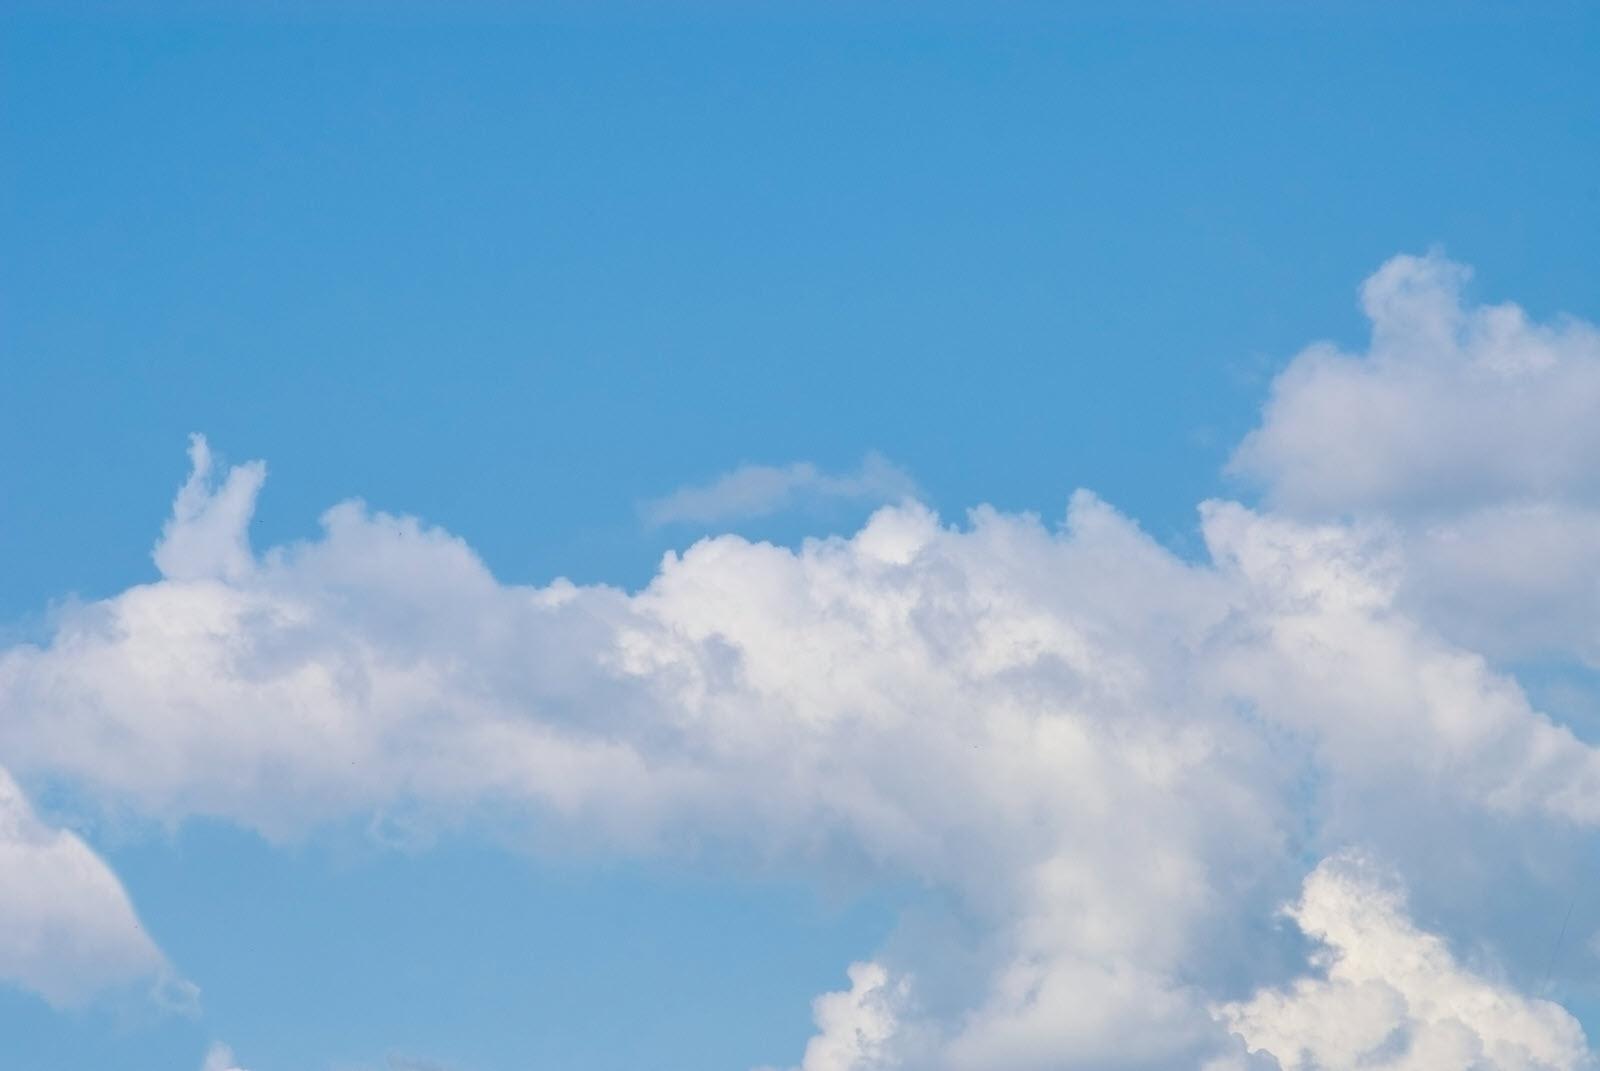 Nền background chủ đề mây